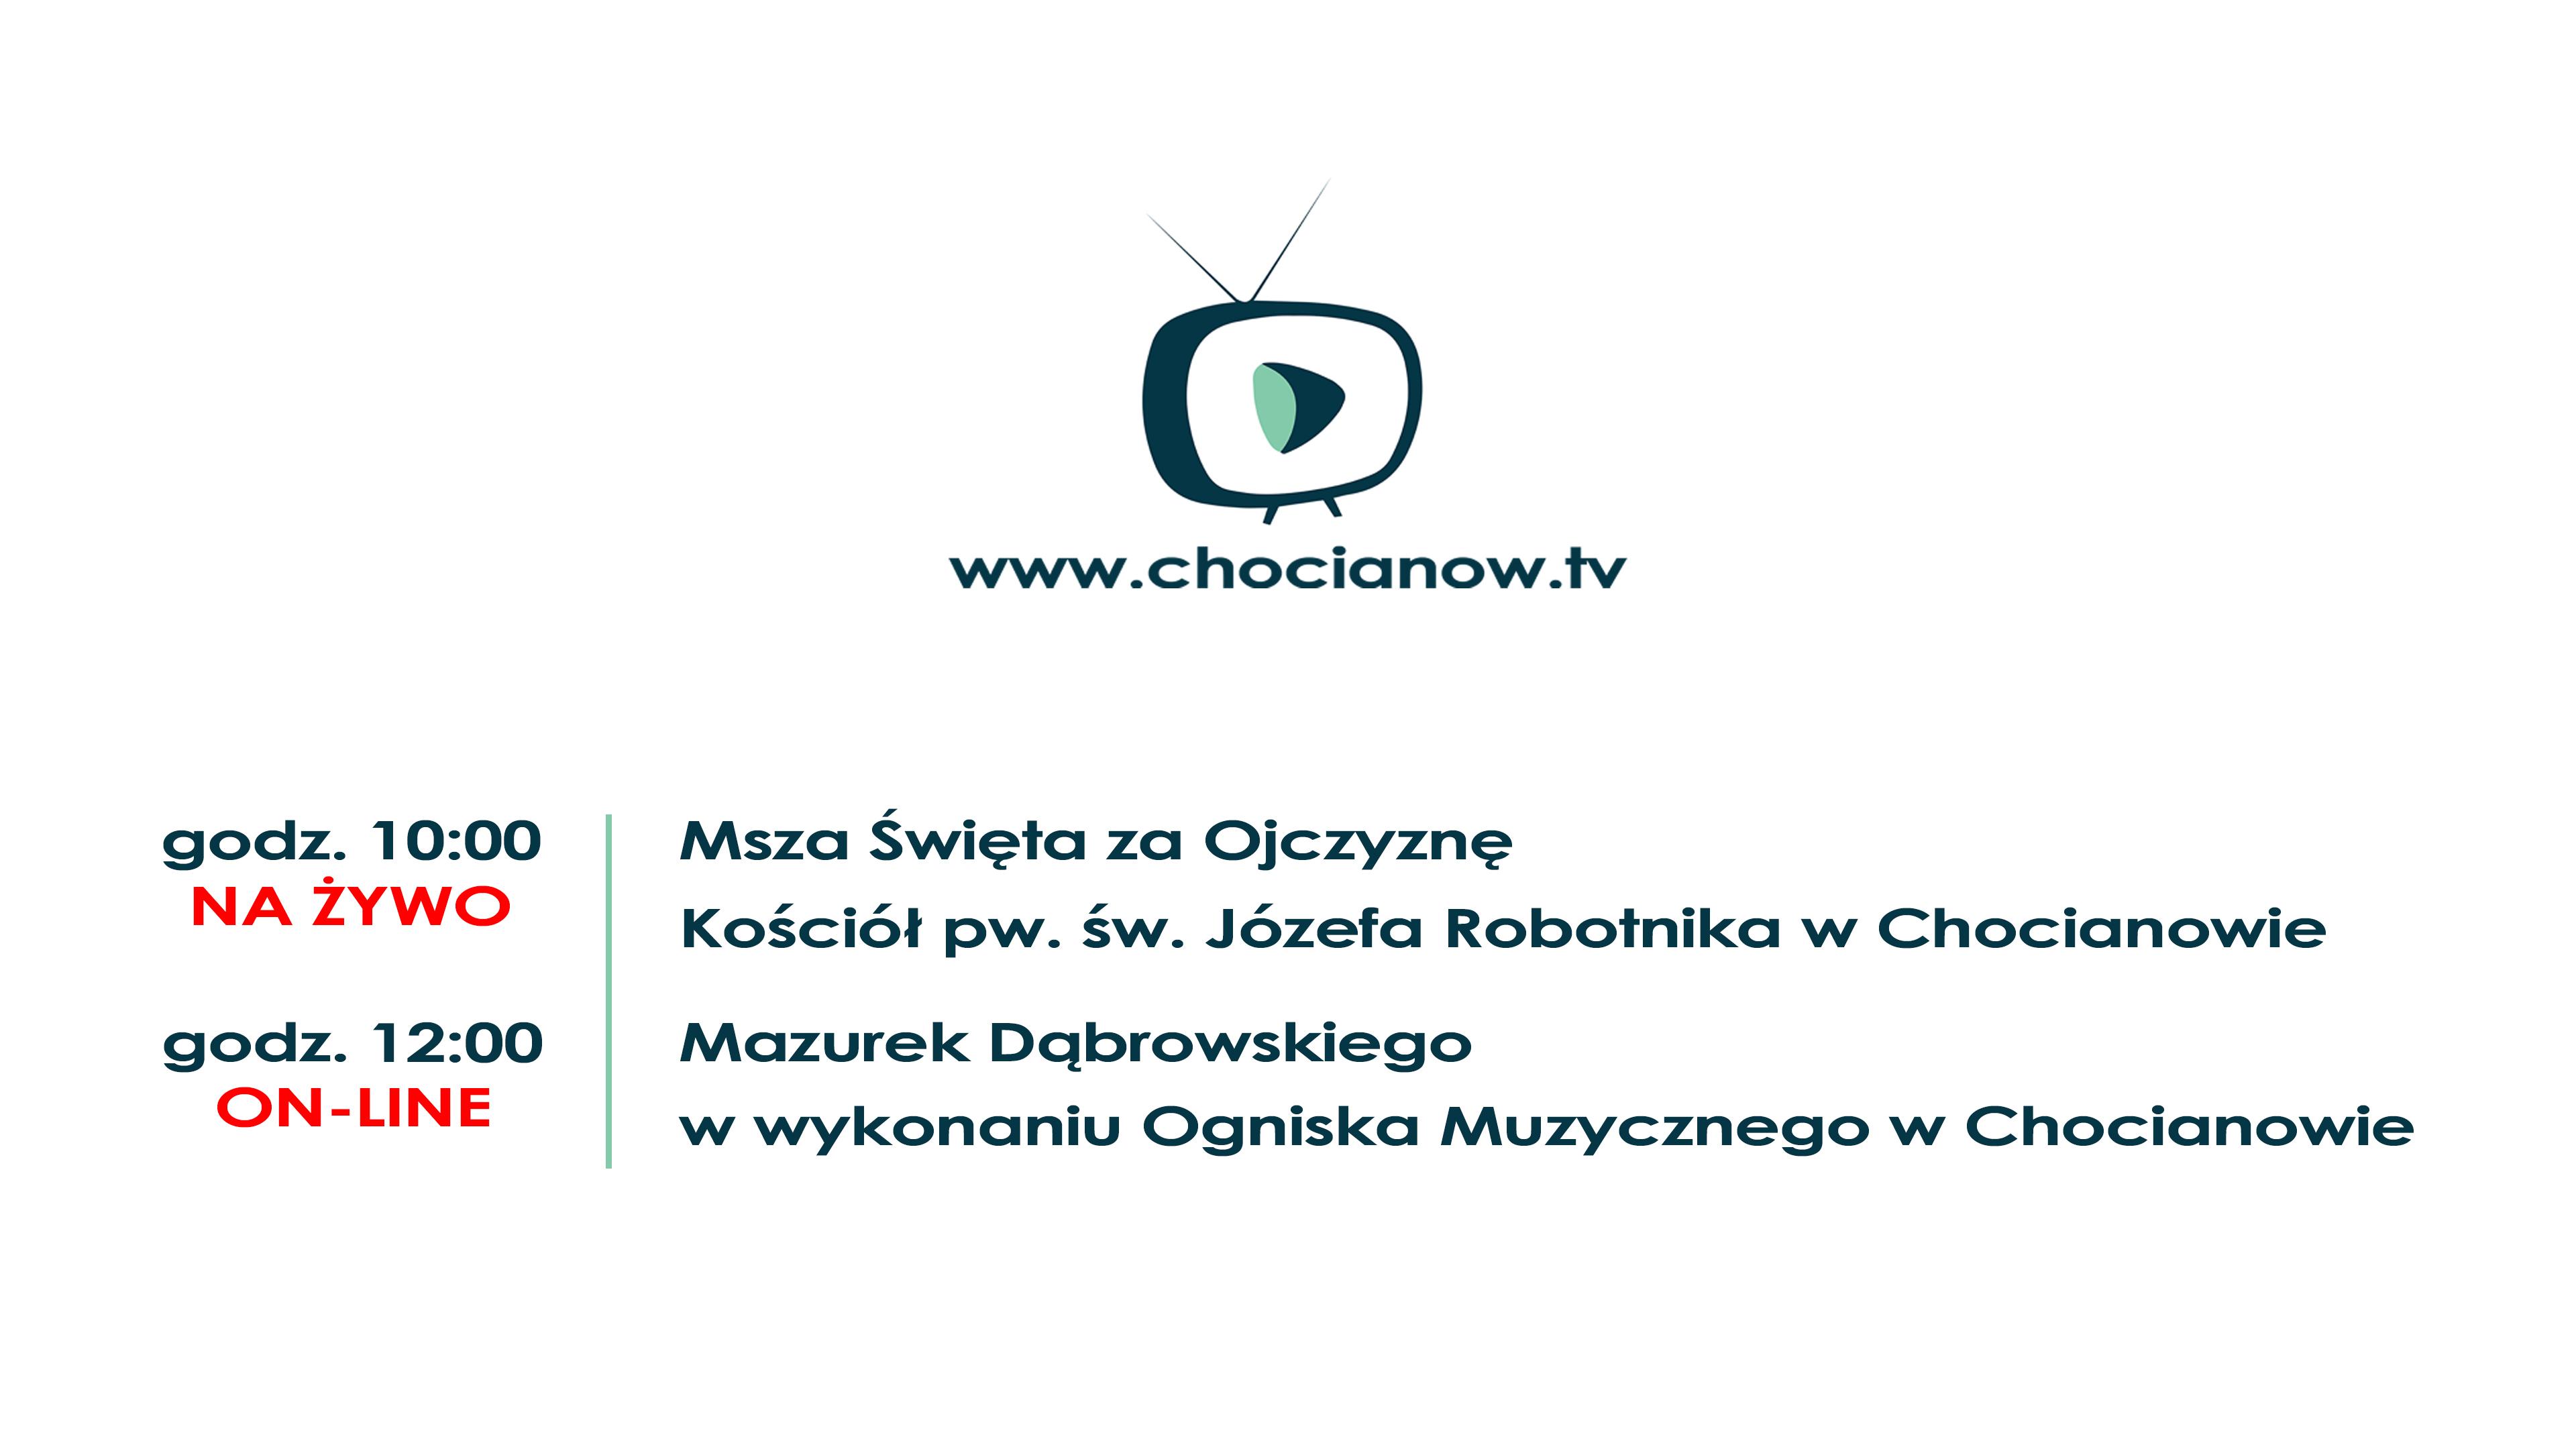 Msza Święta i Mazurek Dąbrowskiego na żywo już jutro